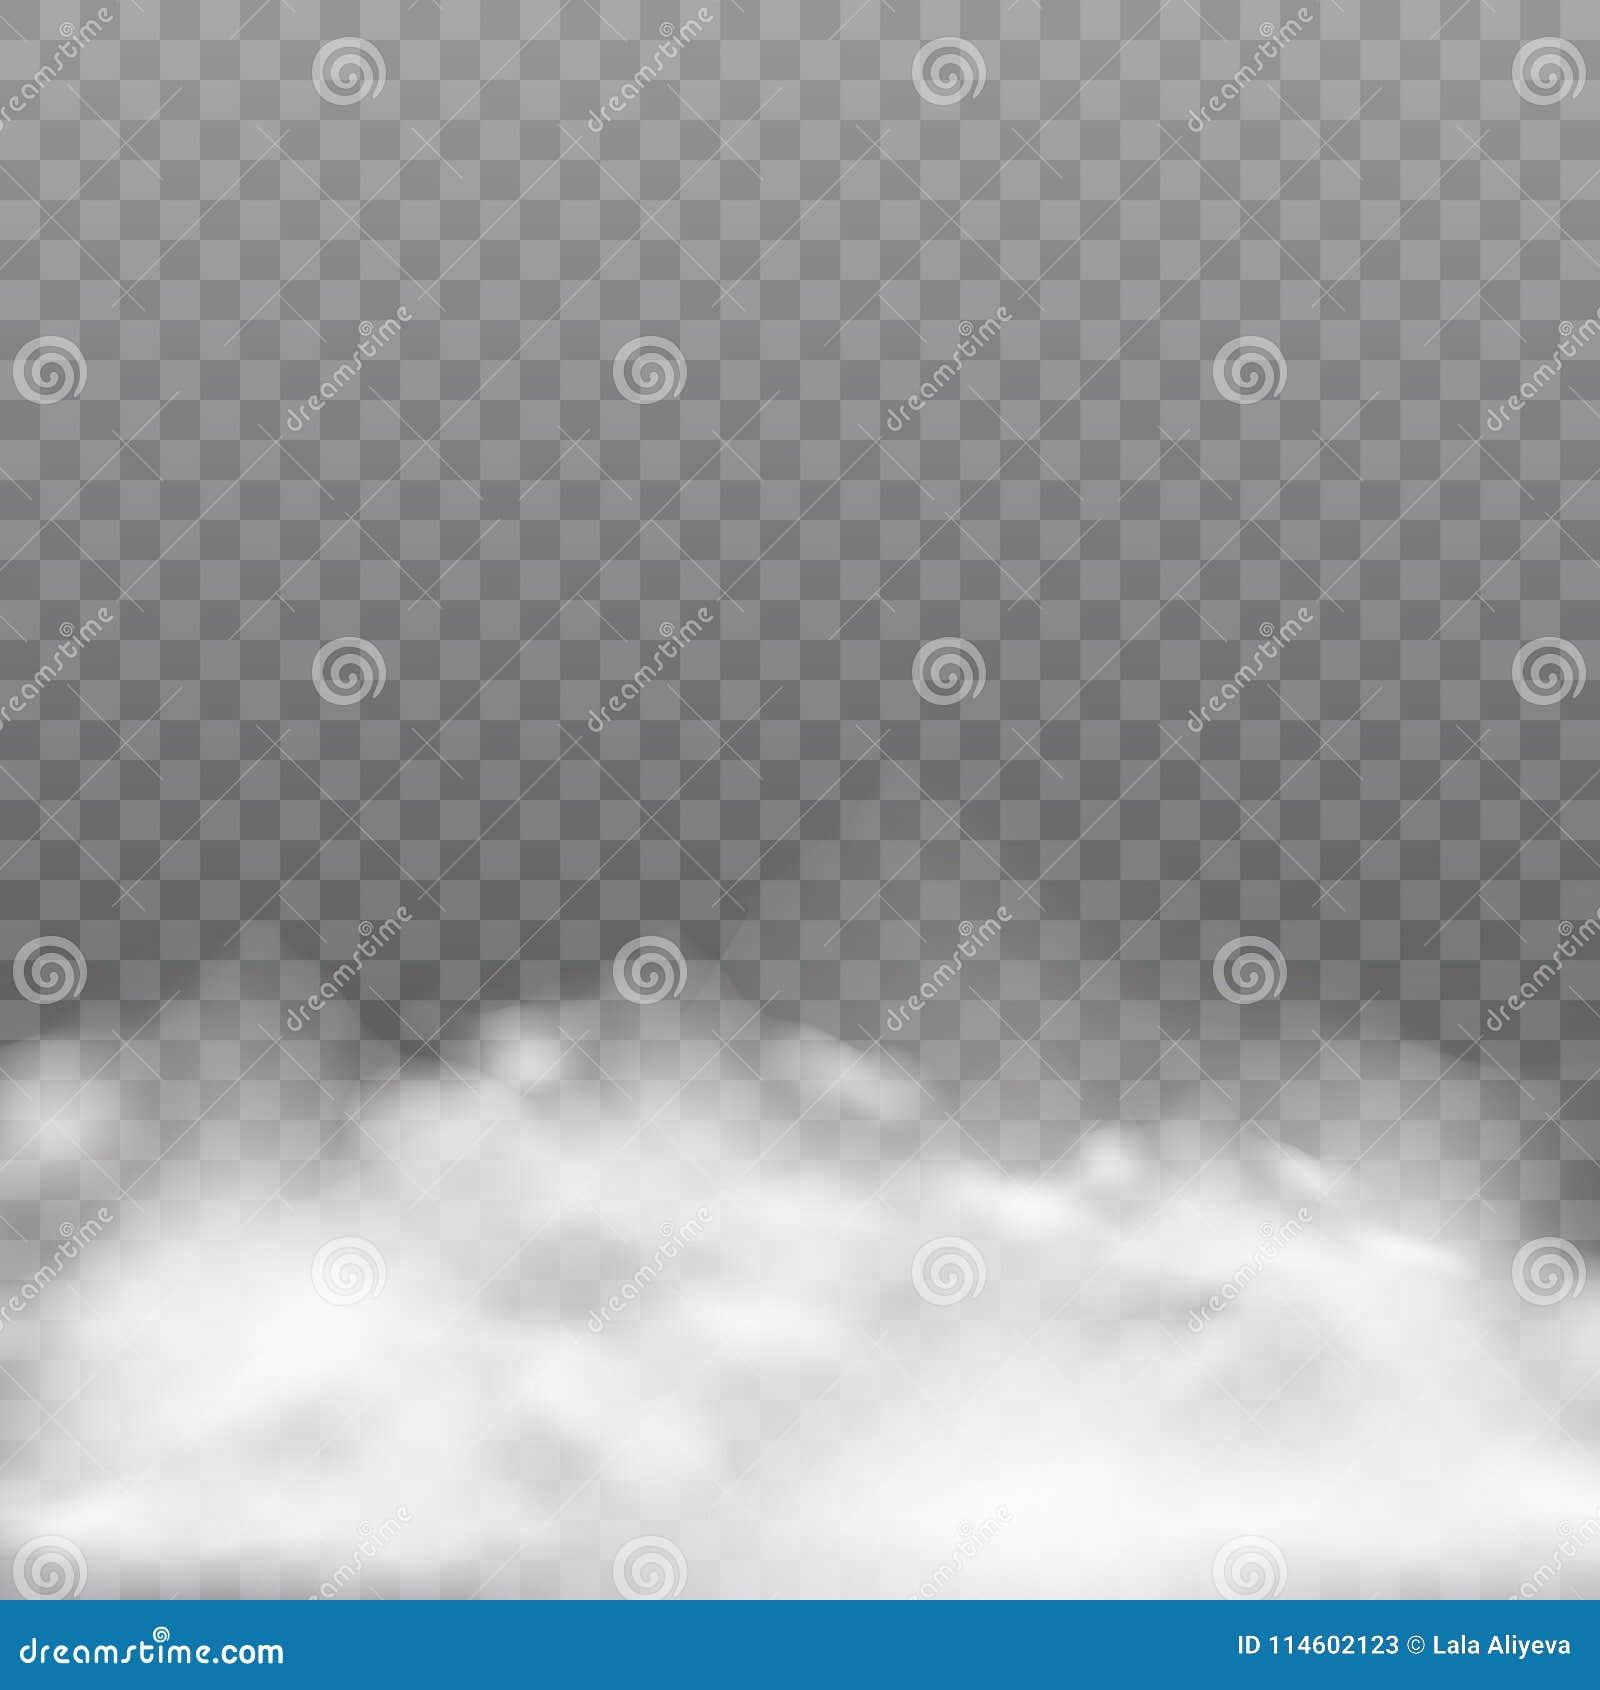 Brouillard ou fumée réaliste sur le fond transparent Vecteur